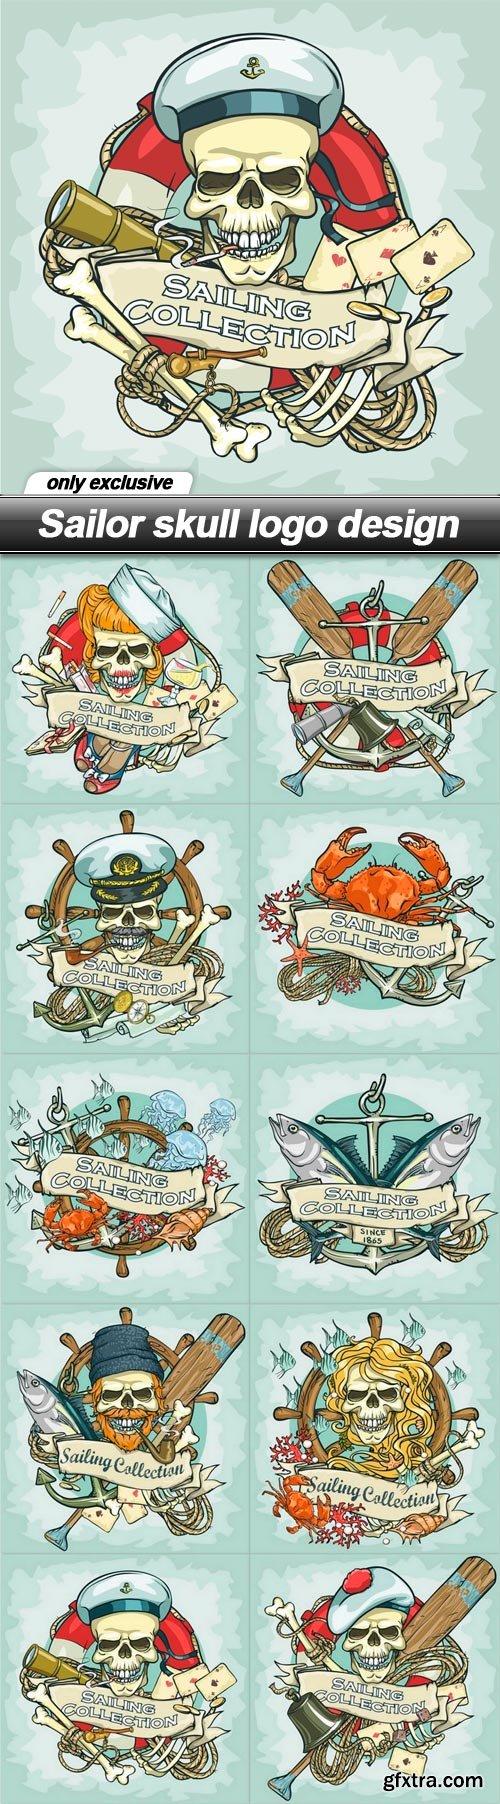 Sailor skull logo design - 10 EPS